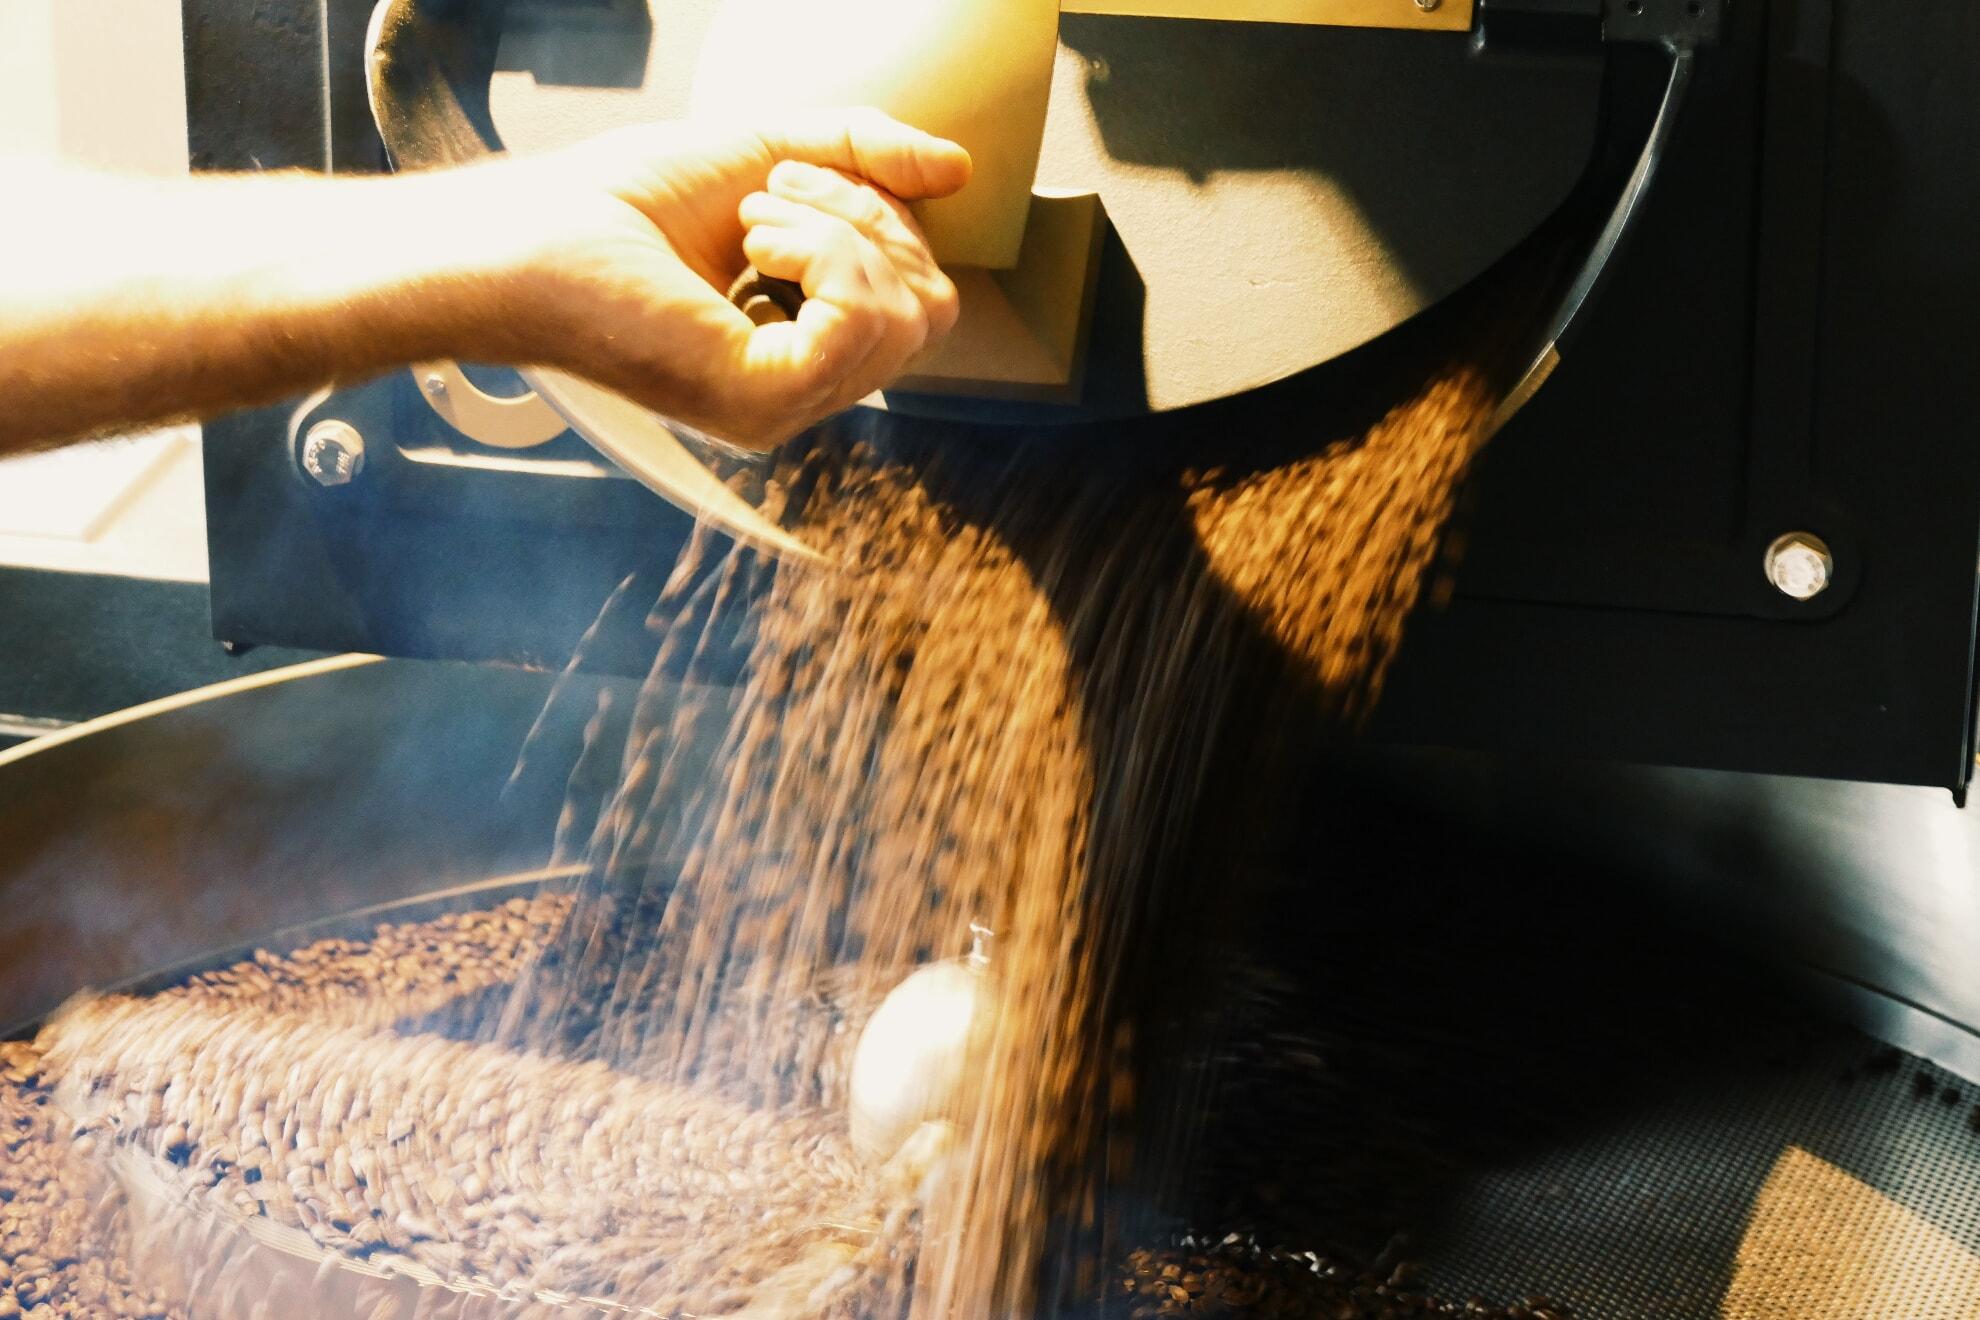 © Sylt Marketing l Julia Petersen_Kaffee aus der Kaffeerösterei Rantum